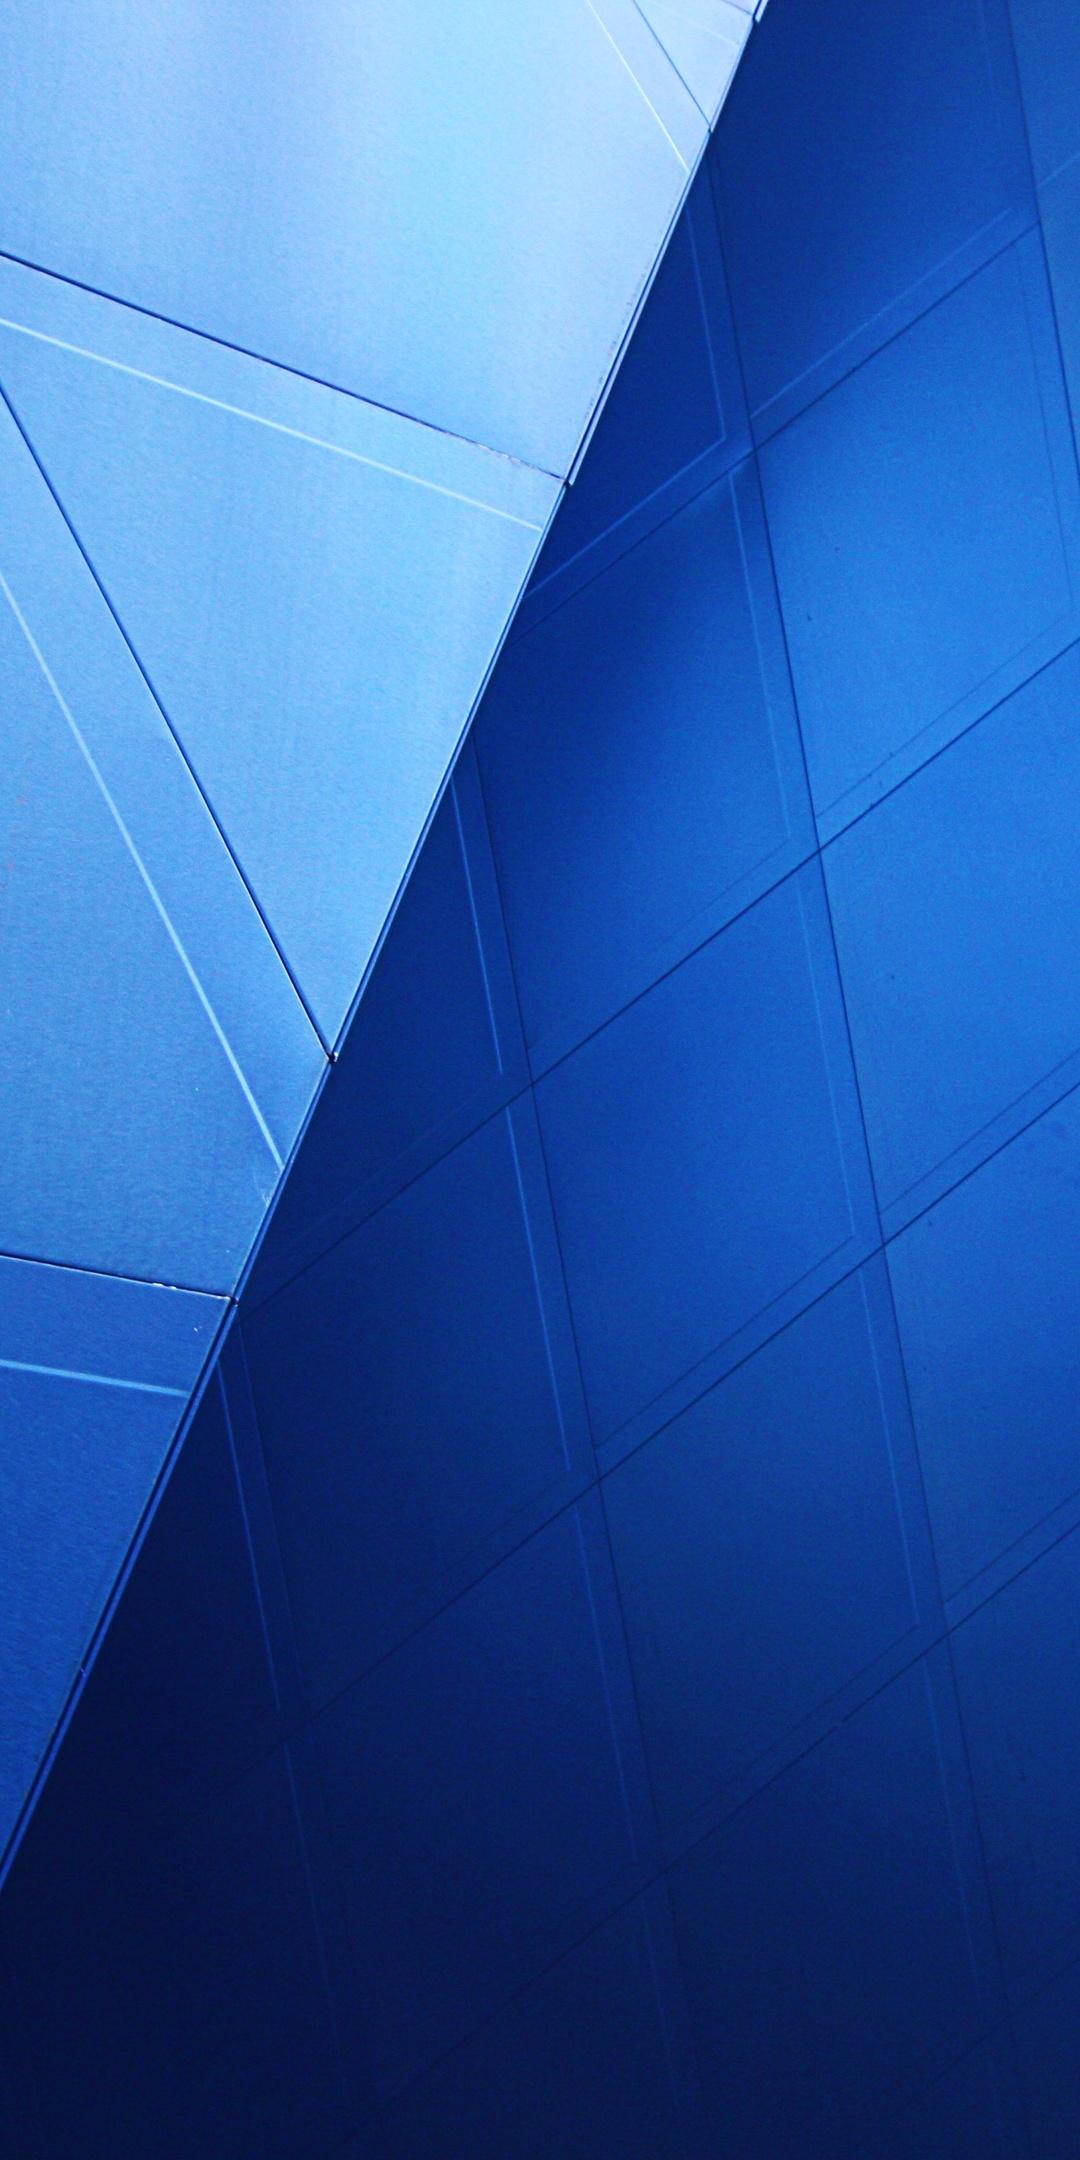 pattern-geometry-buildings-4k-ql.jpg